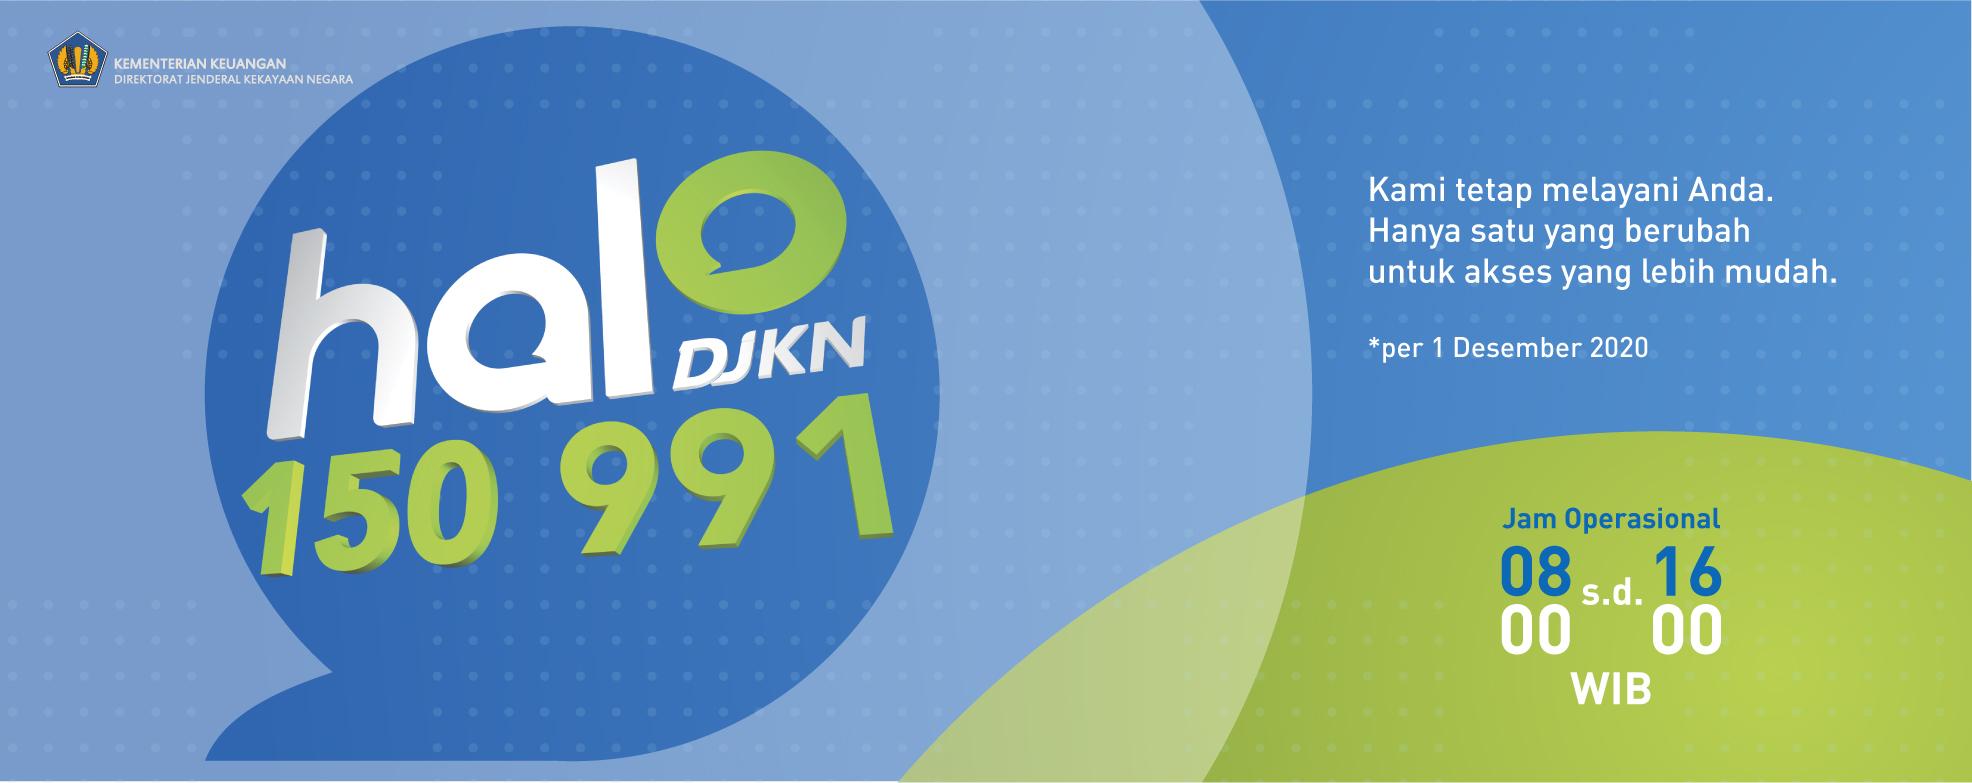 Call Center, Halo DJKN 150 991